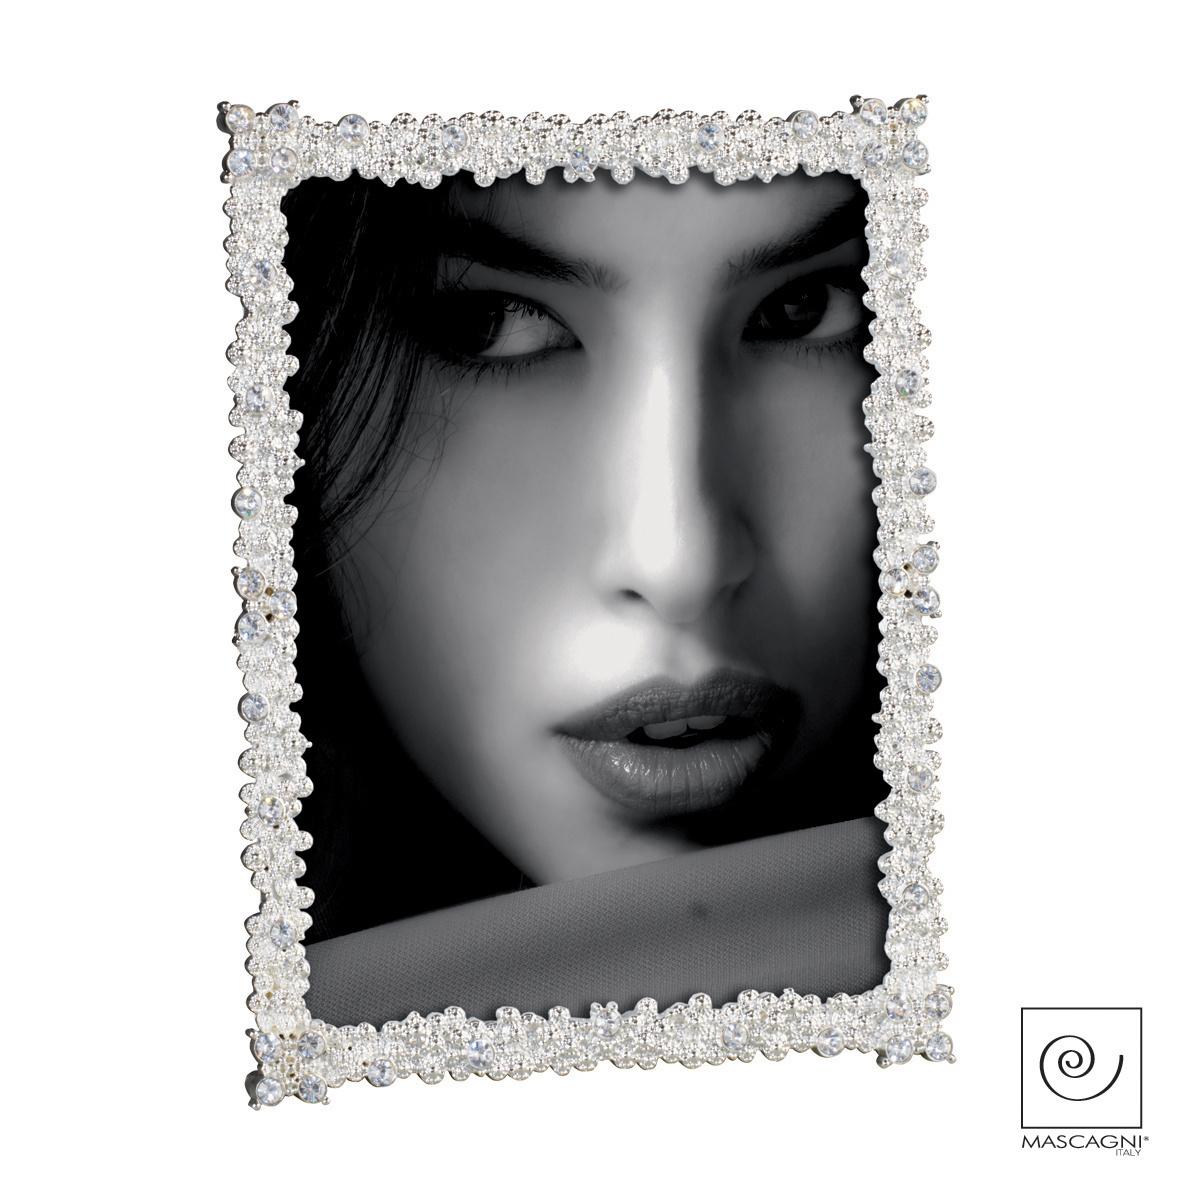 Art Mascagni M641 PHOTO FRAME 10X15